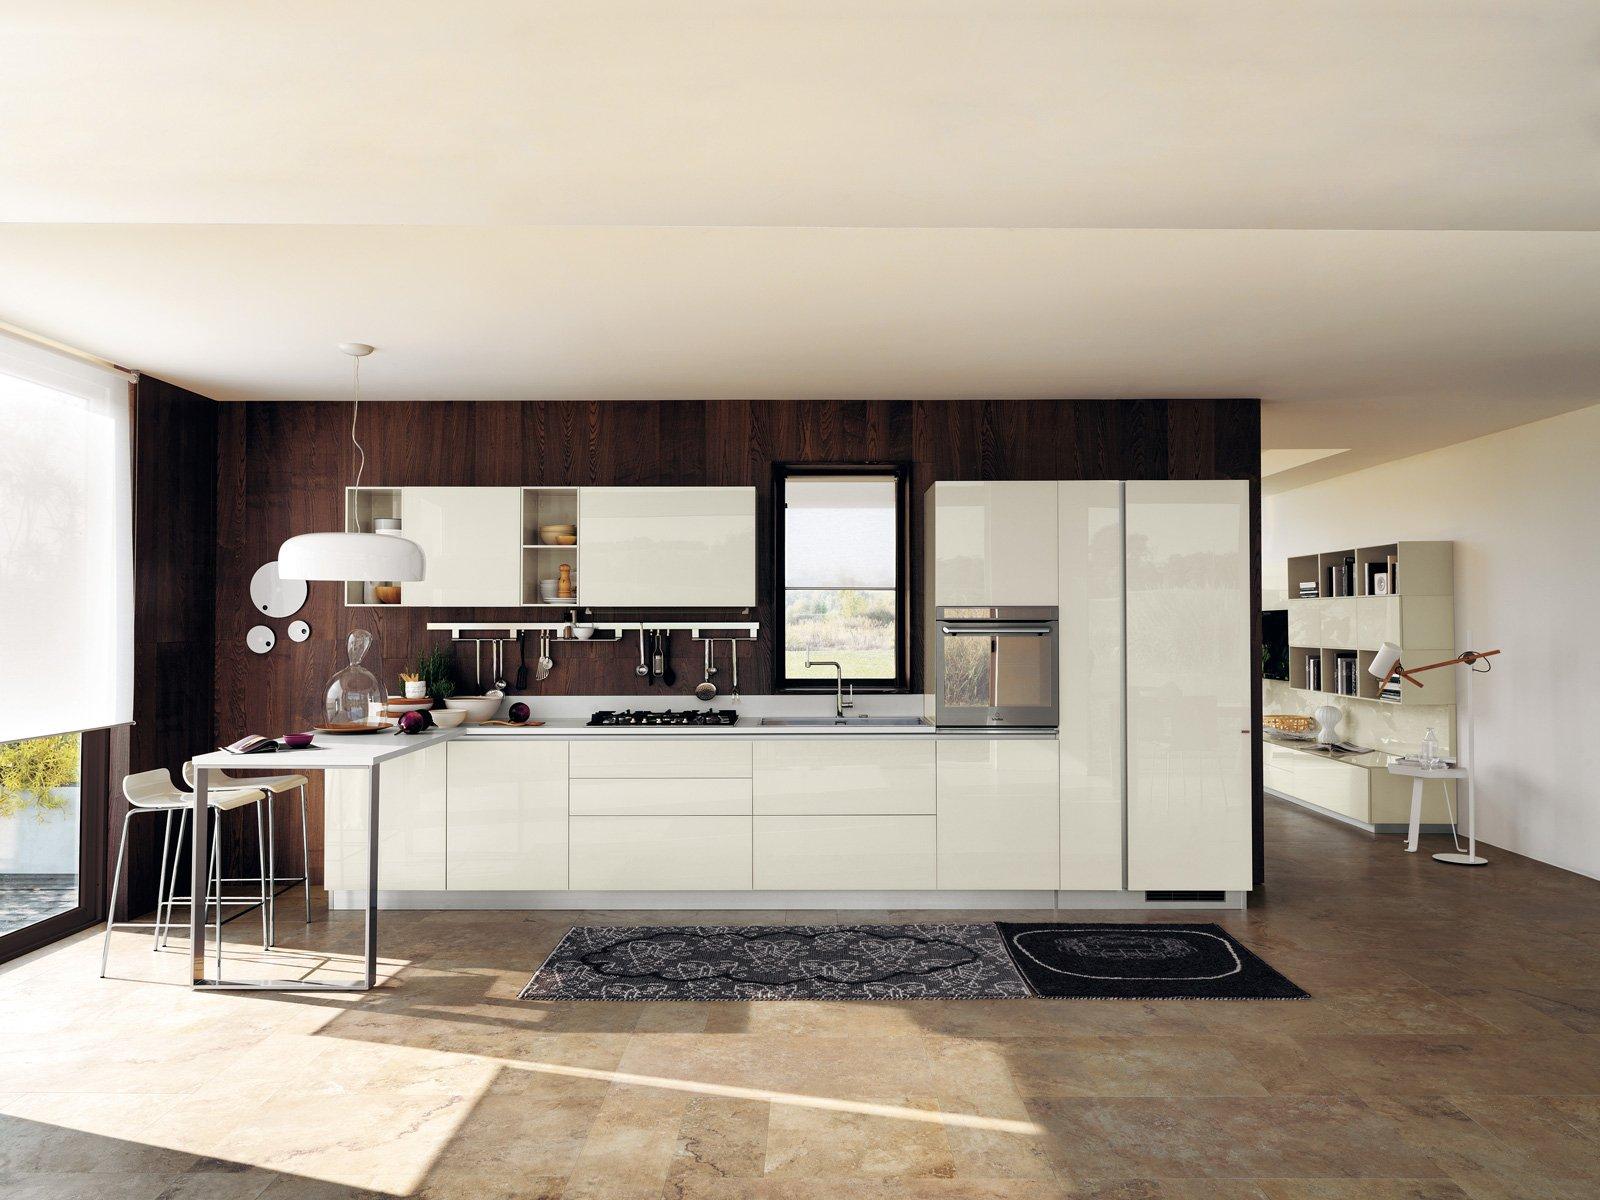 Tanto bianco e la cucina raddoppia visivamente - Cose di Casa